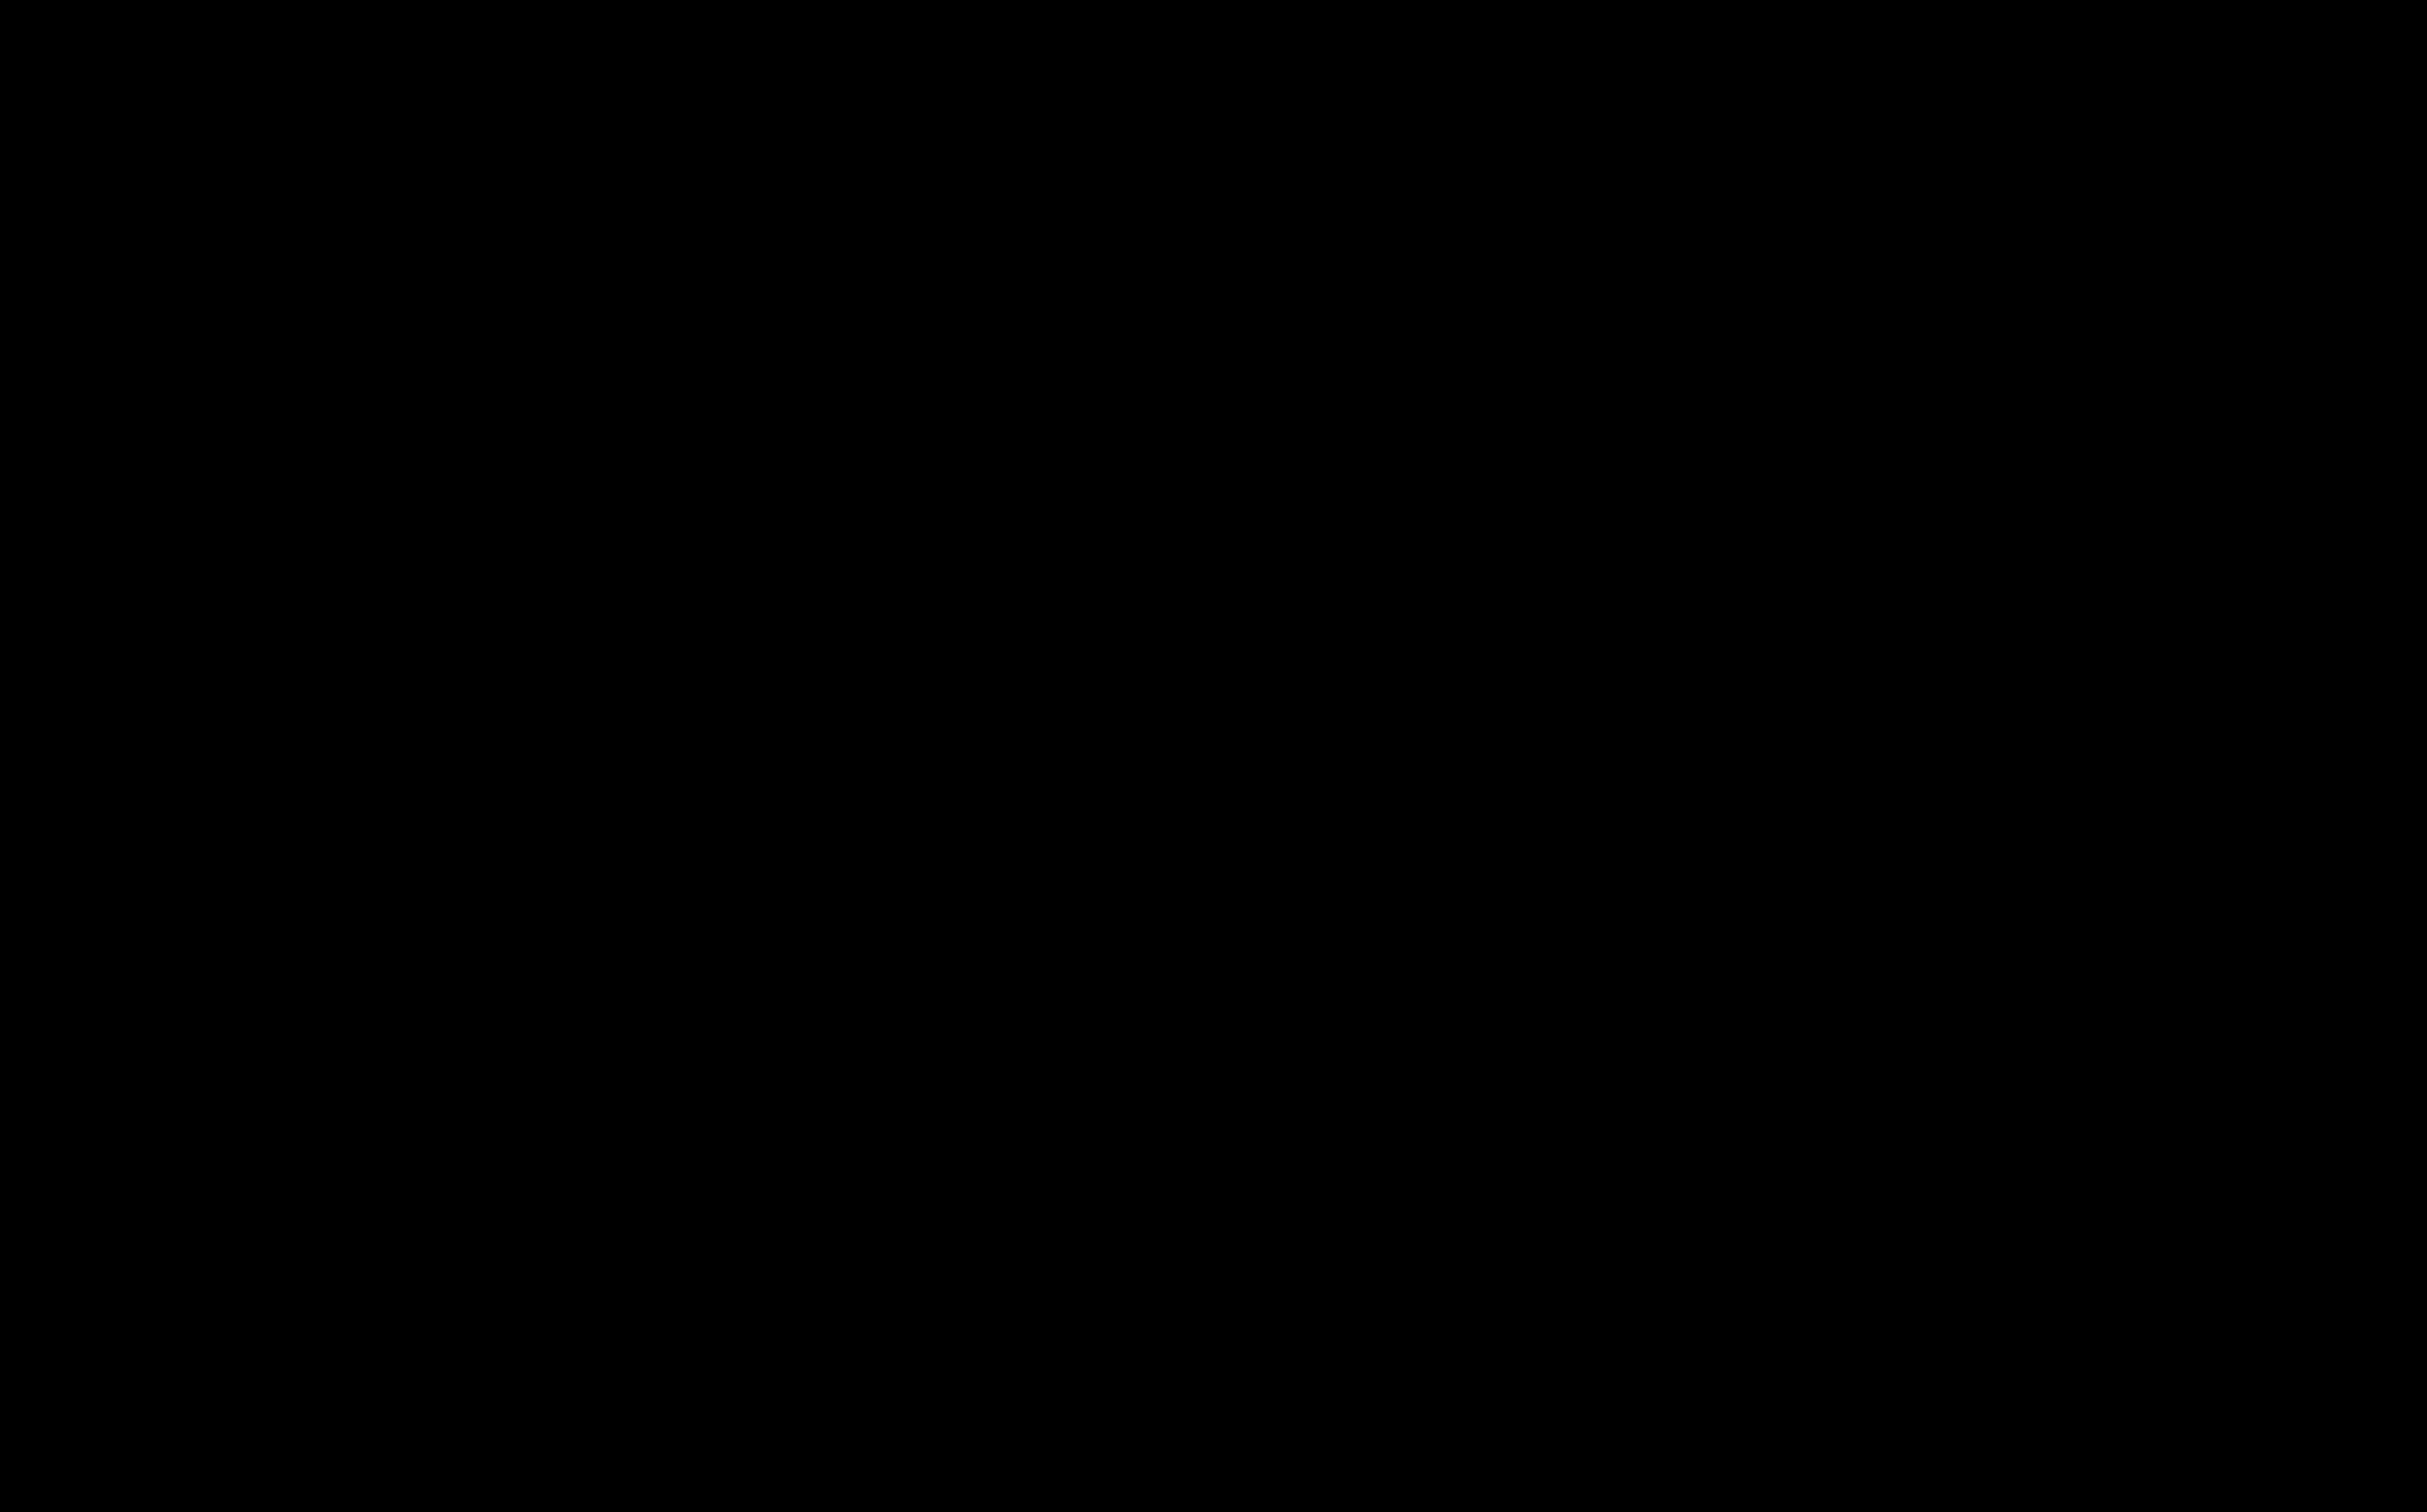 Q1 2020 Free Desktop Calendars from Marmalead